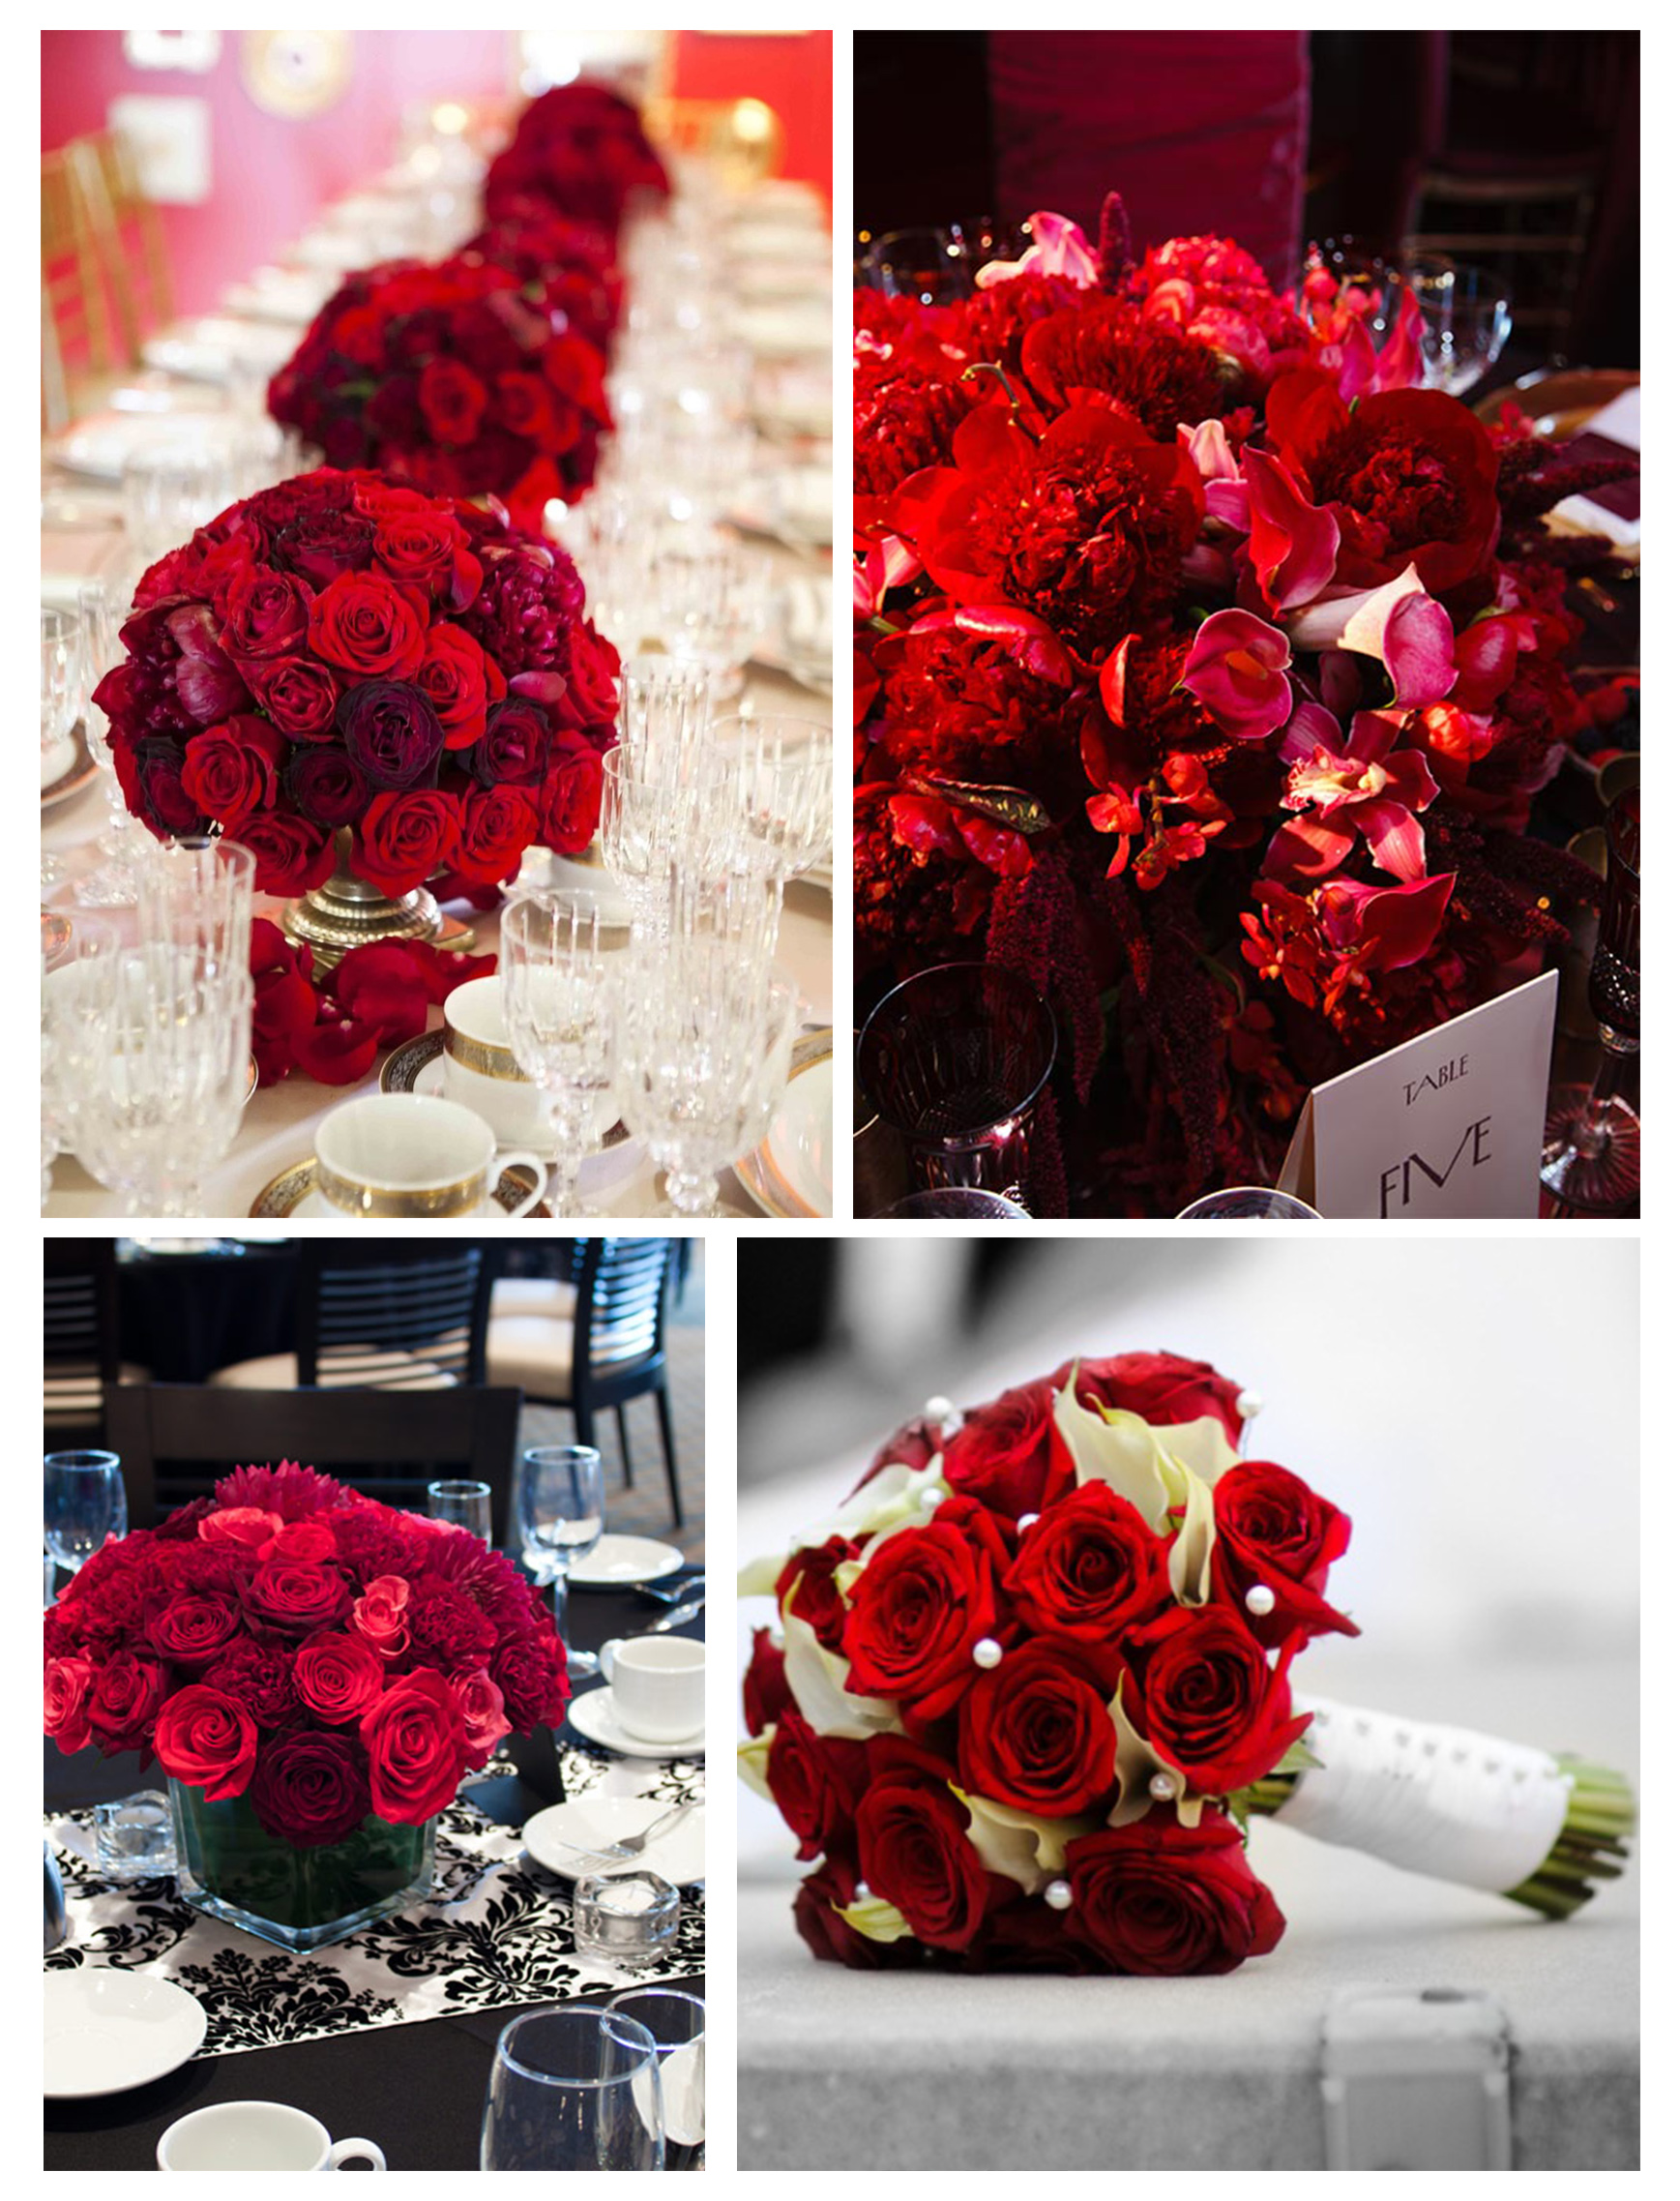 Nunta In Rosu Pasiune Si Eleganta Blog Ul De Nunta Karin Events